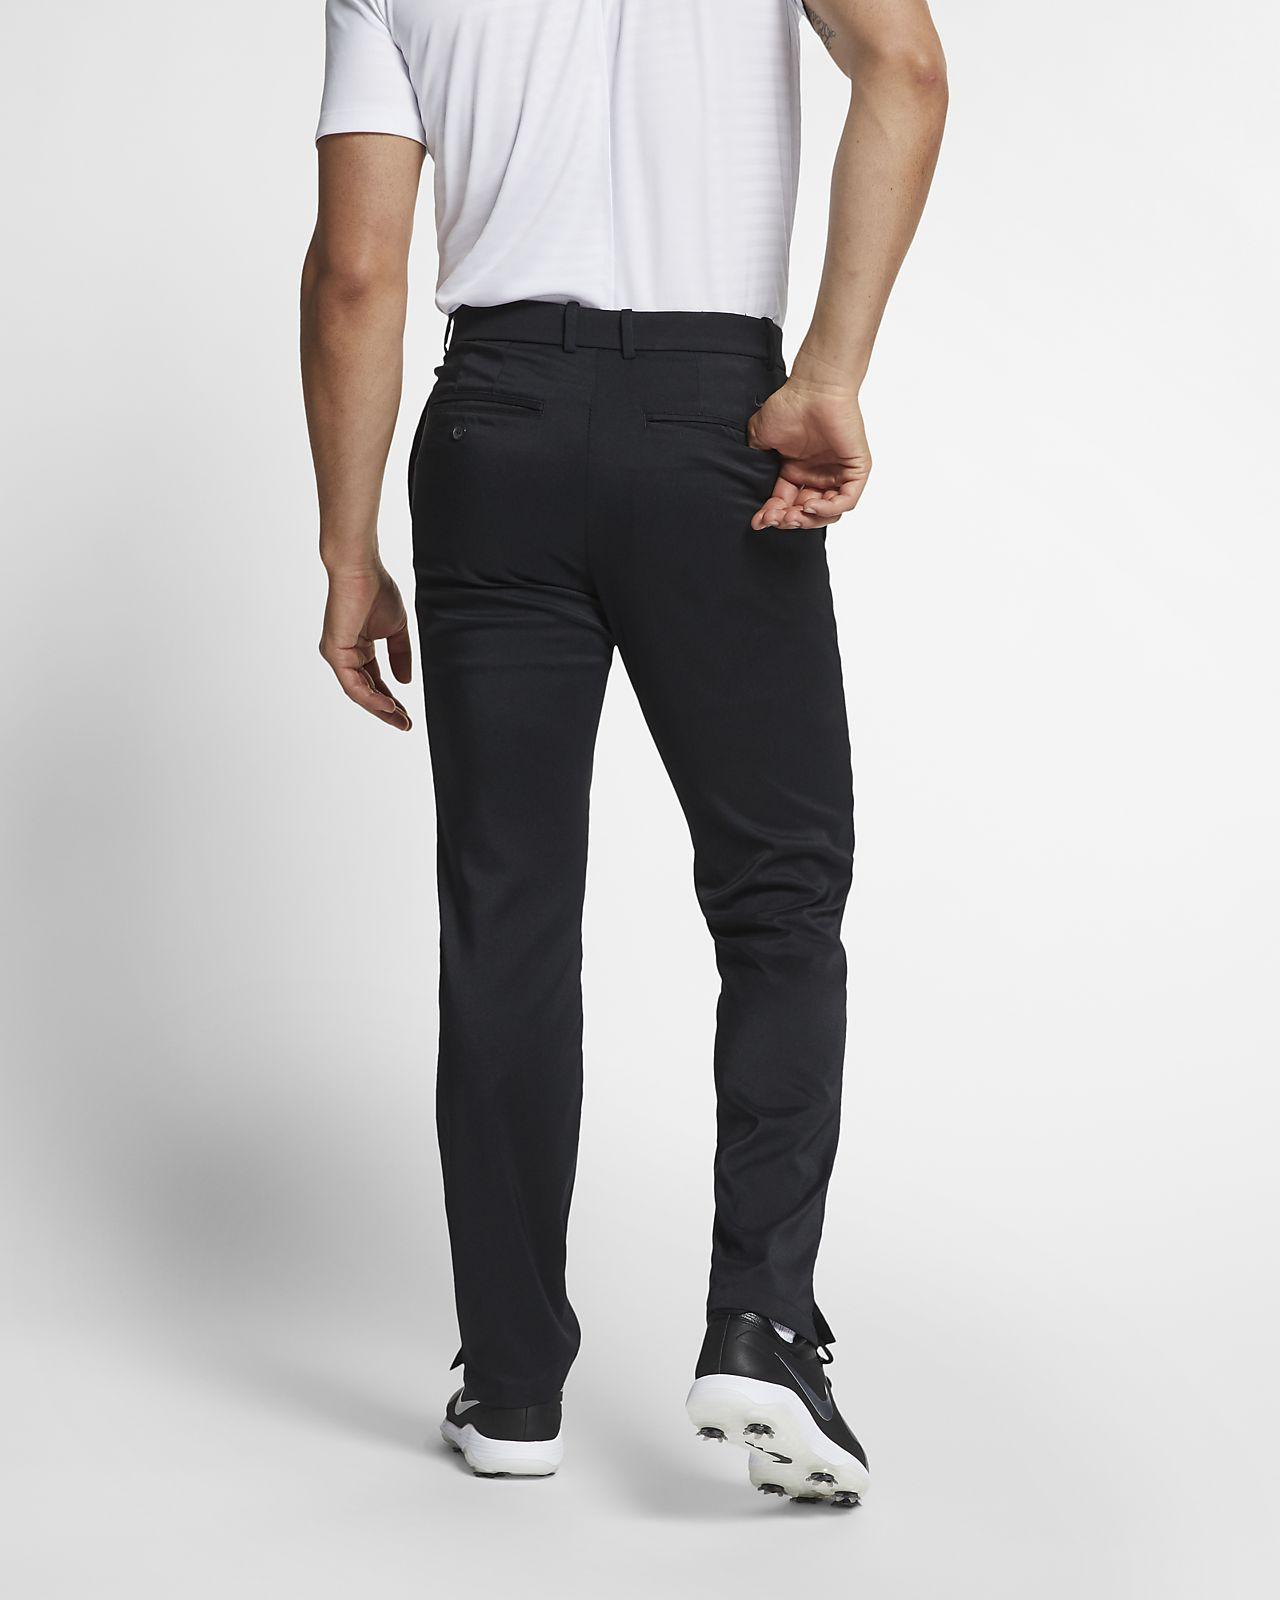 8e1f85eaed8207 Nike Flex Men's Golf Pants. Nike.com